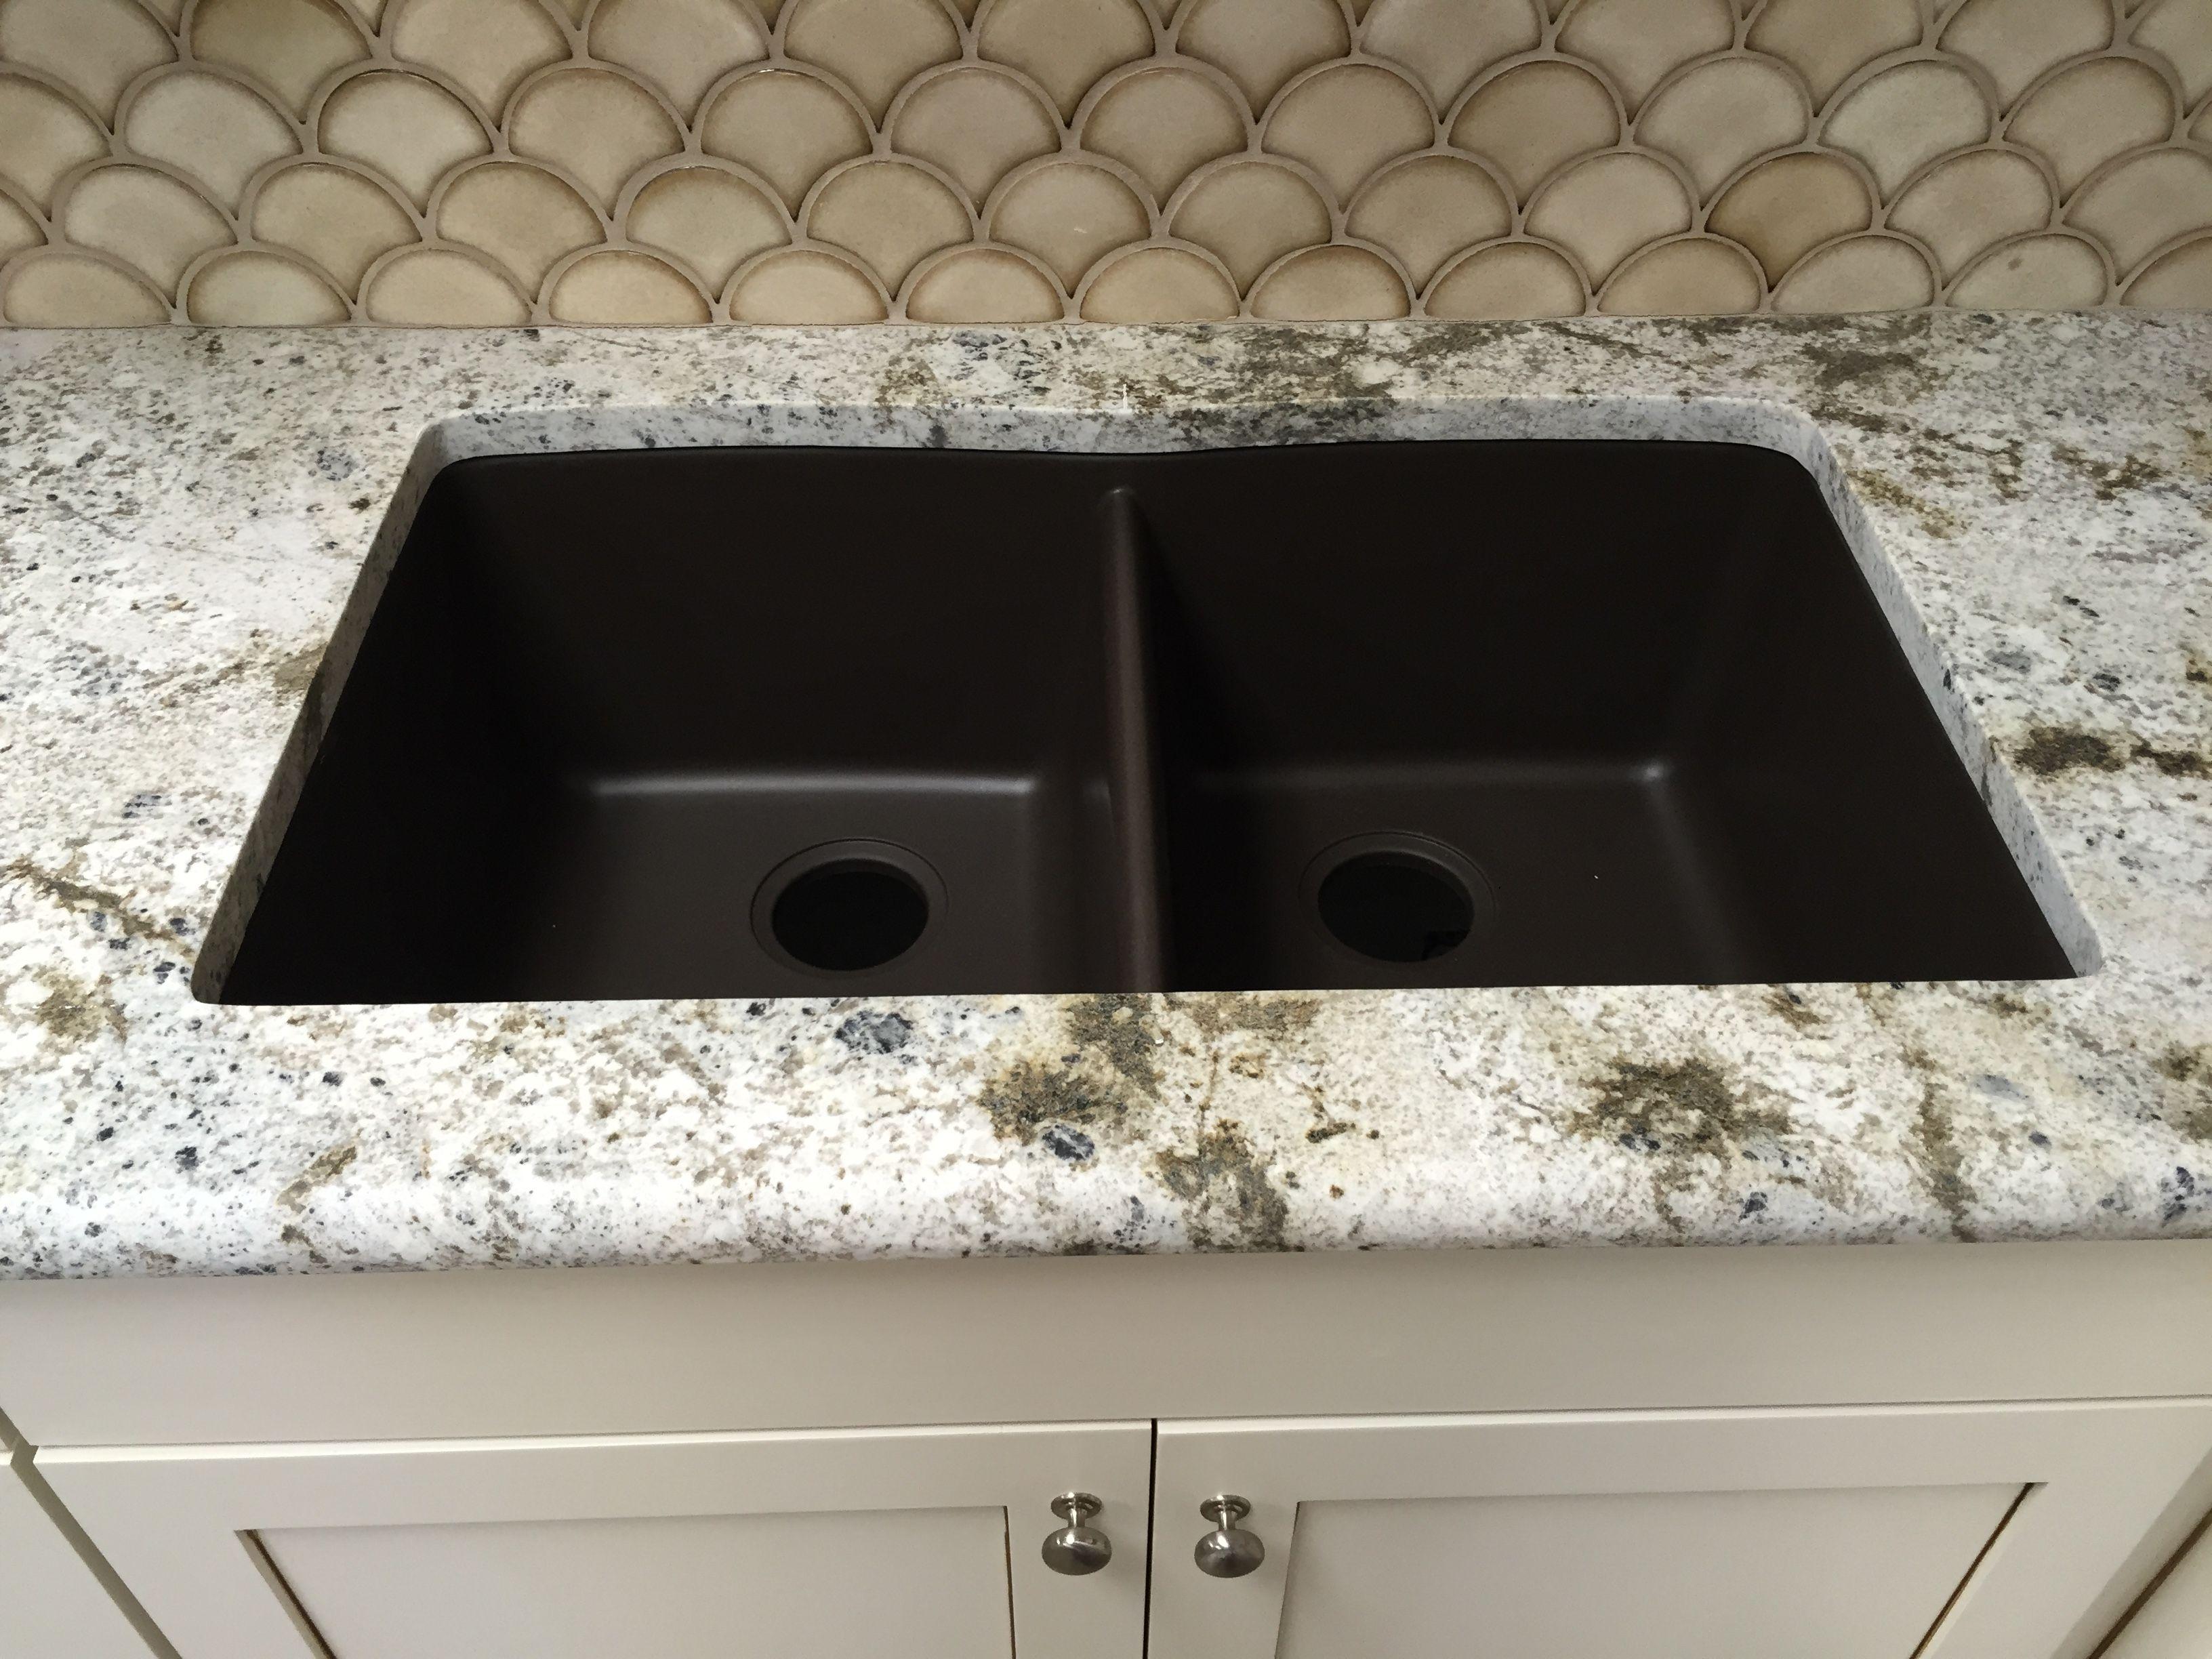 Mocha Brown Granite Composite Undermount Kitchen Sink Undermount